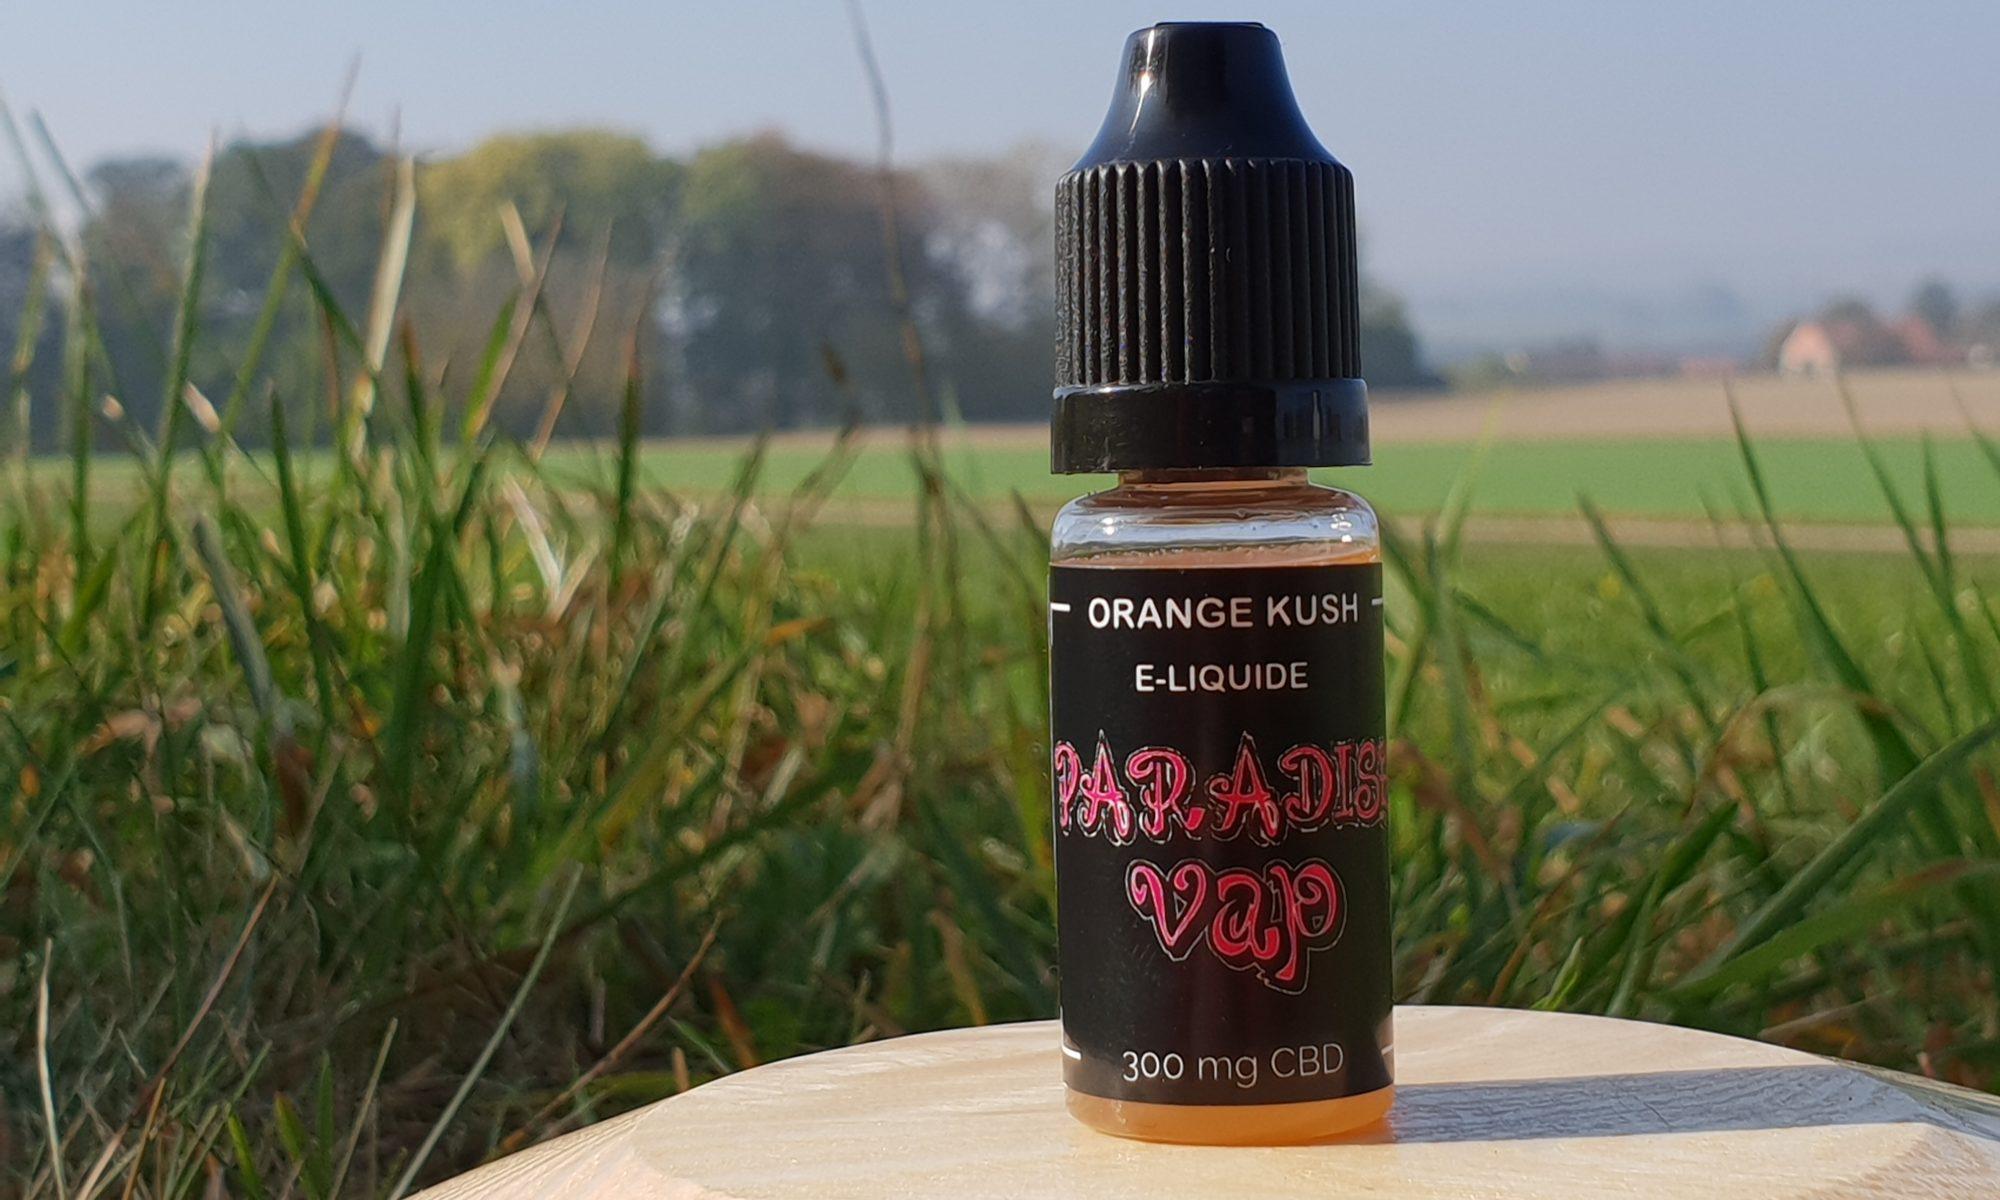 E-liquide Orange Kush 300 [mg]